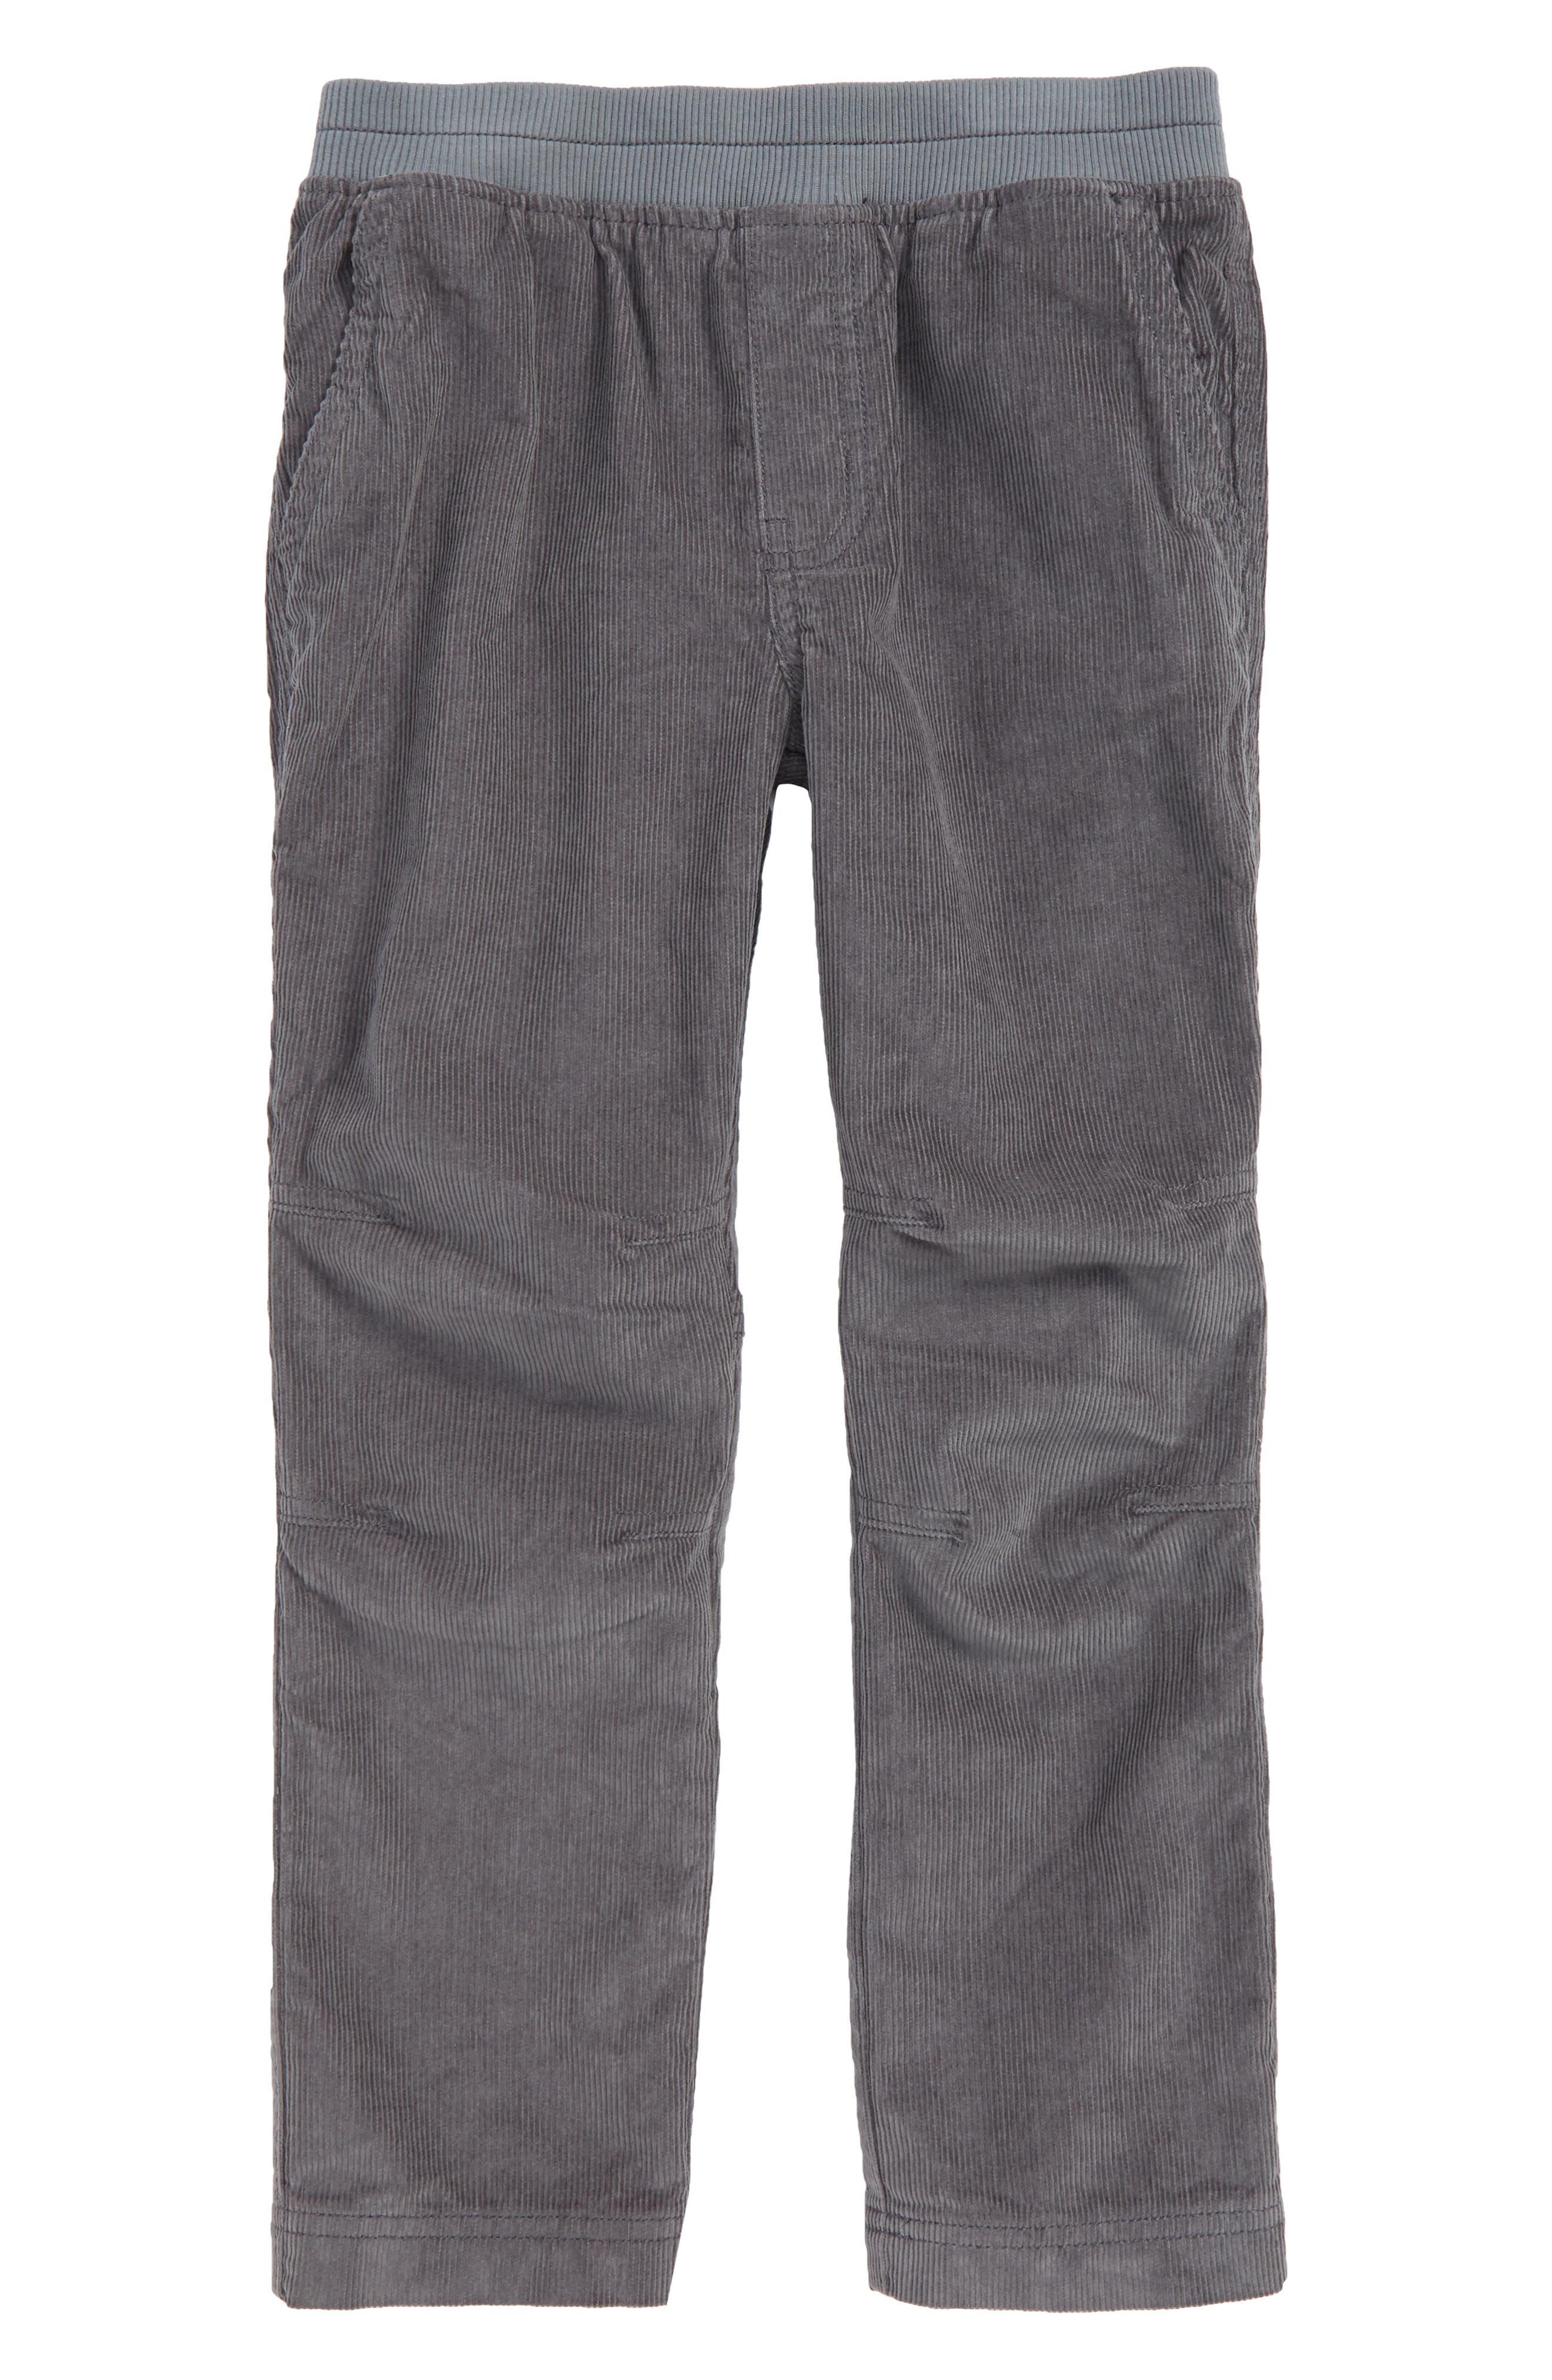 Easy Corduroy Pants,                             Main thumbnail 1, color,                             SHARKFIN